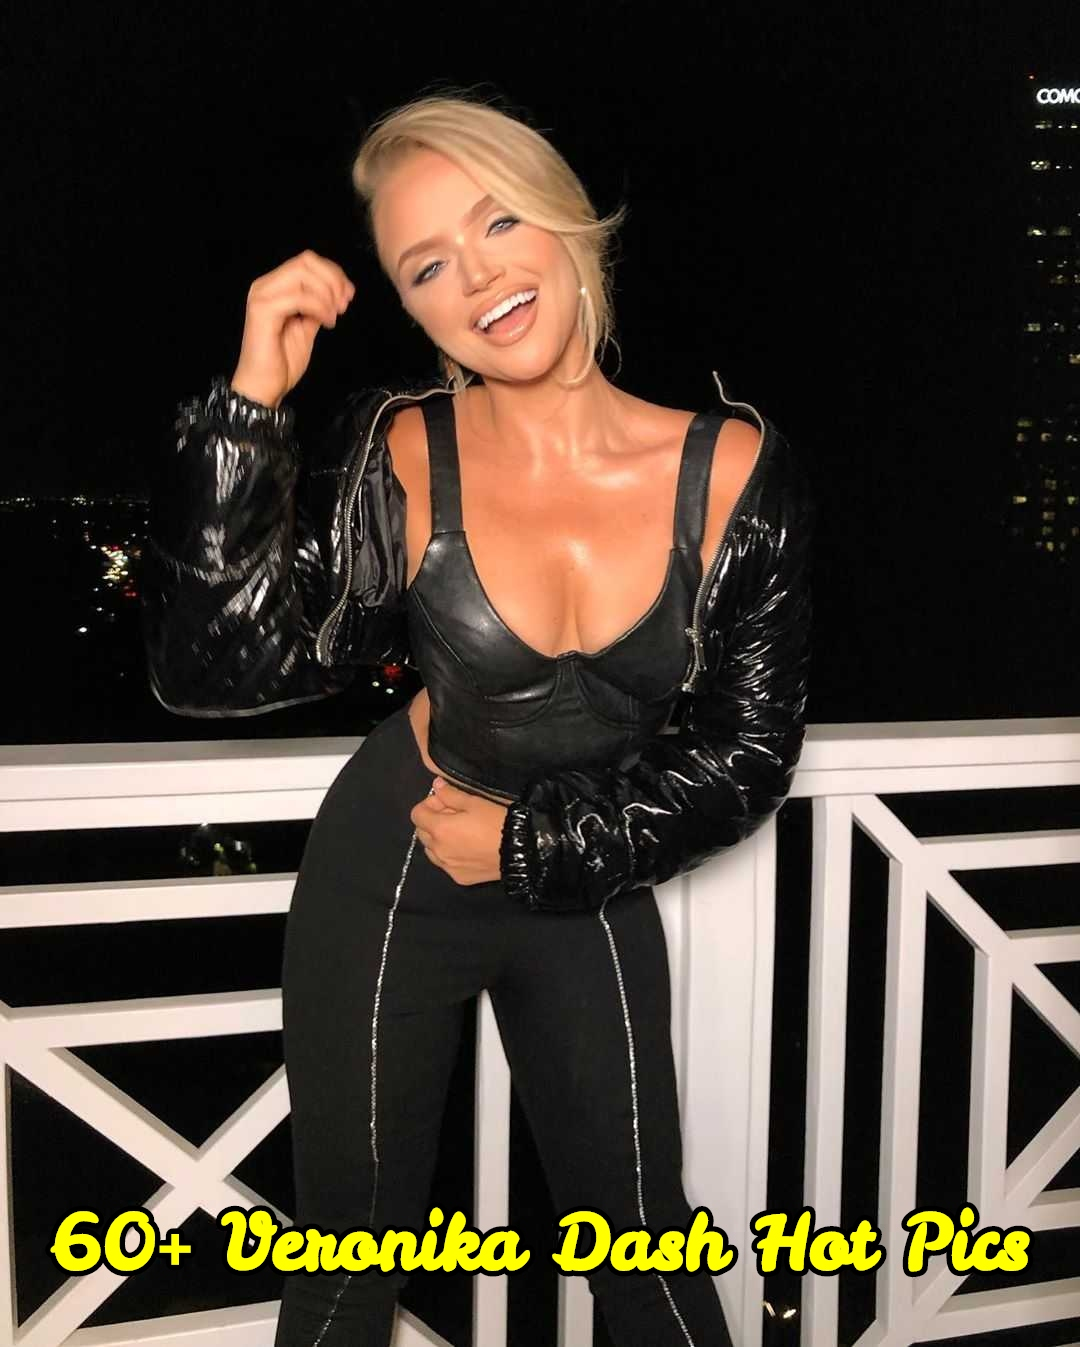 Veronika Dash hot pics